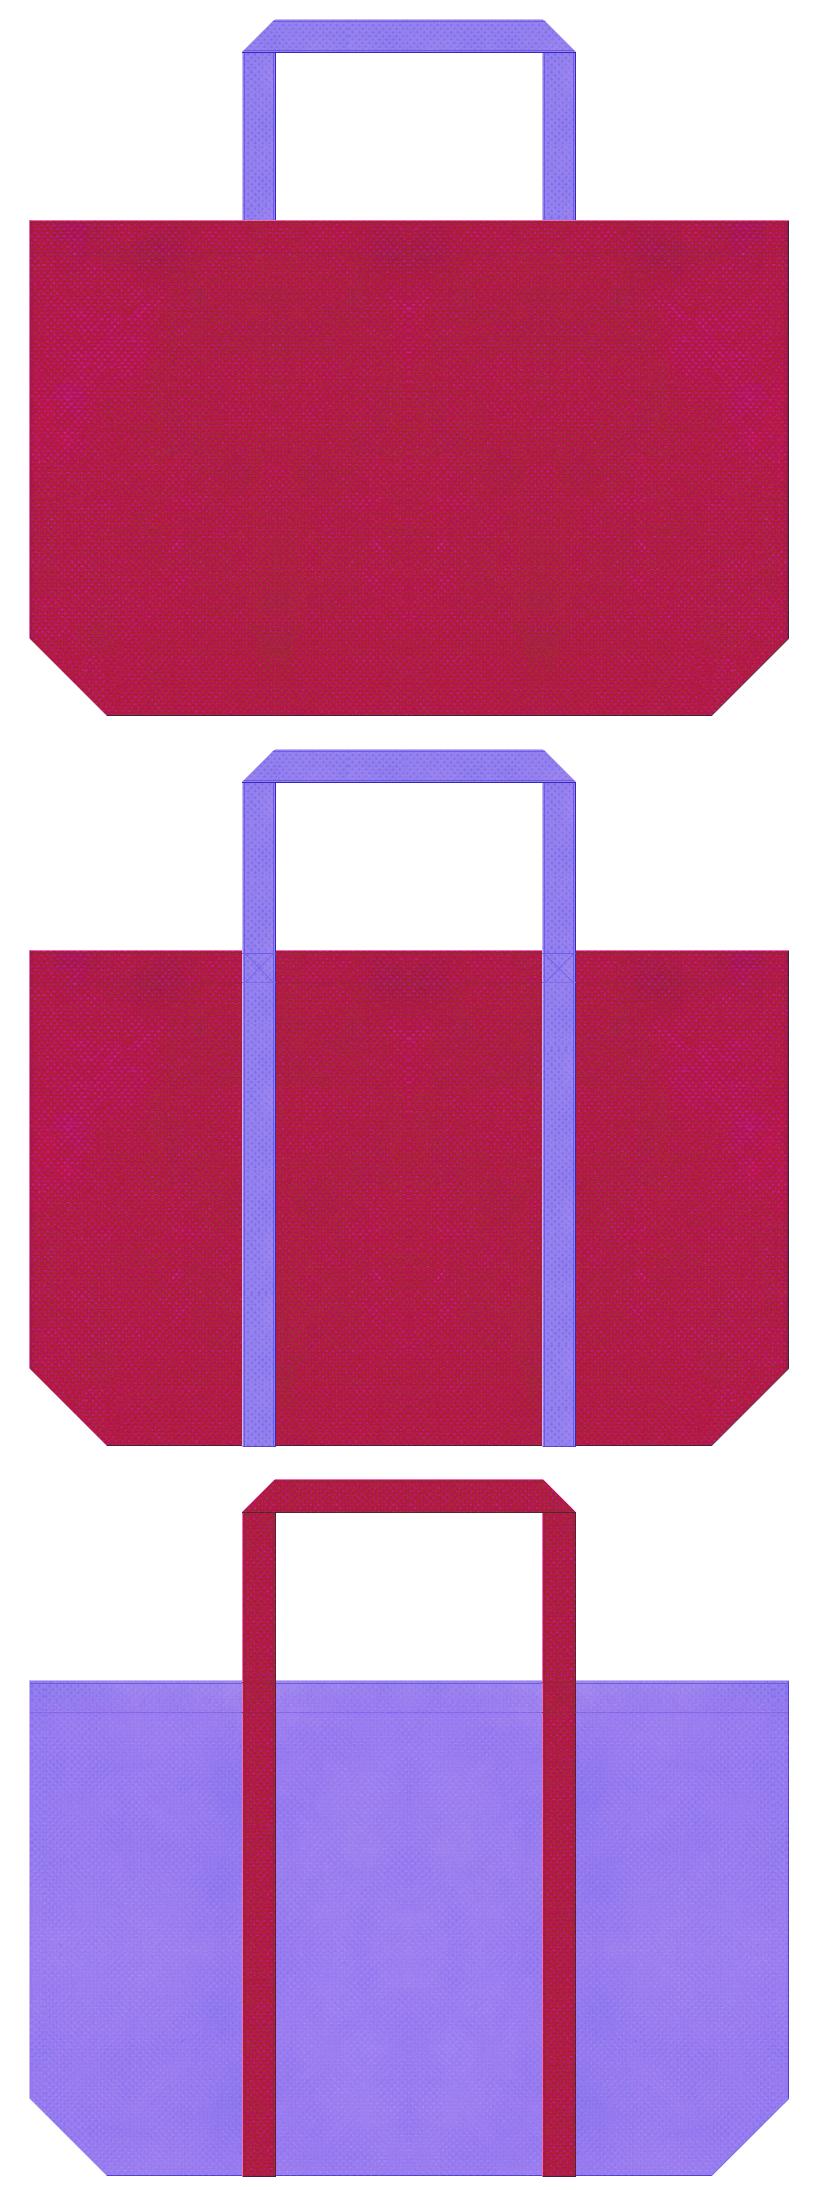 魔女・魔法使い・占い・ウィッグ・コスプレ衣装のショッピングバッグにお奨めの不織布バッグデザイン:濃いピンク色と薄紫色のコーデ